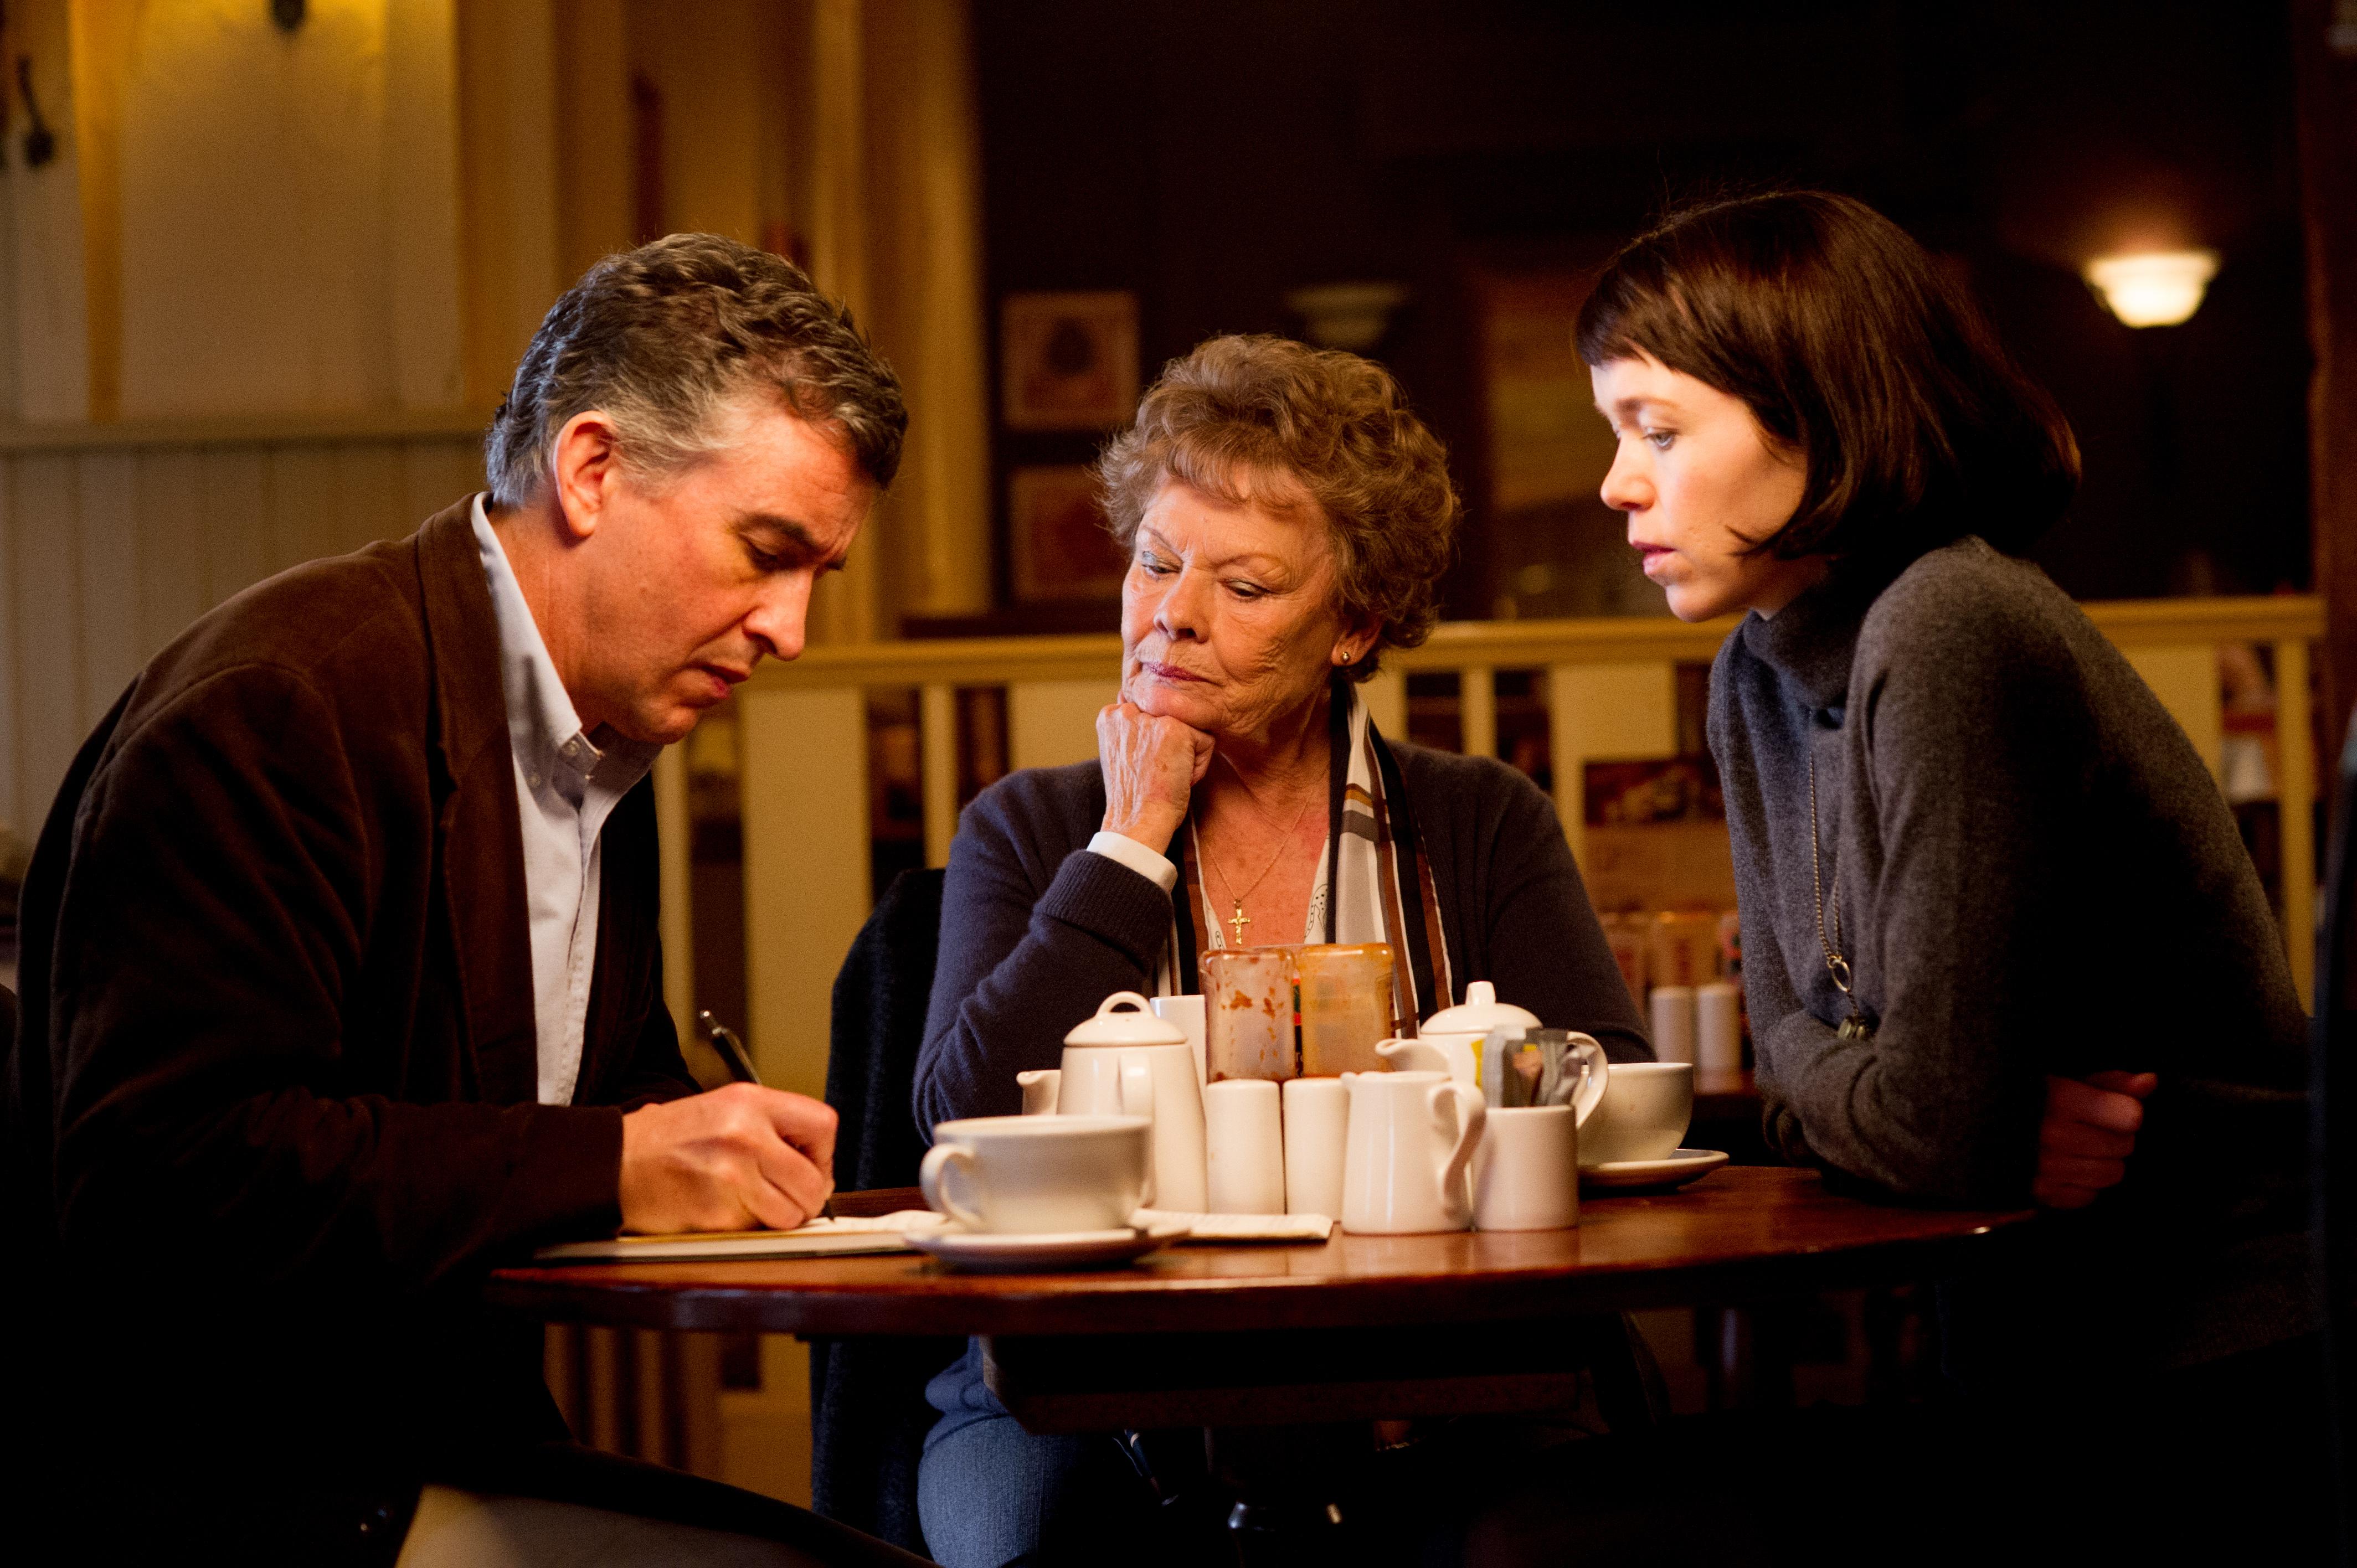 Filmska srečanja ob kavi: pogovor ob filmu Philomena